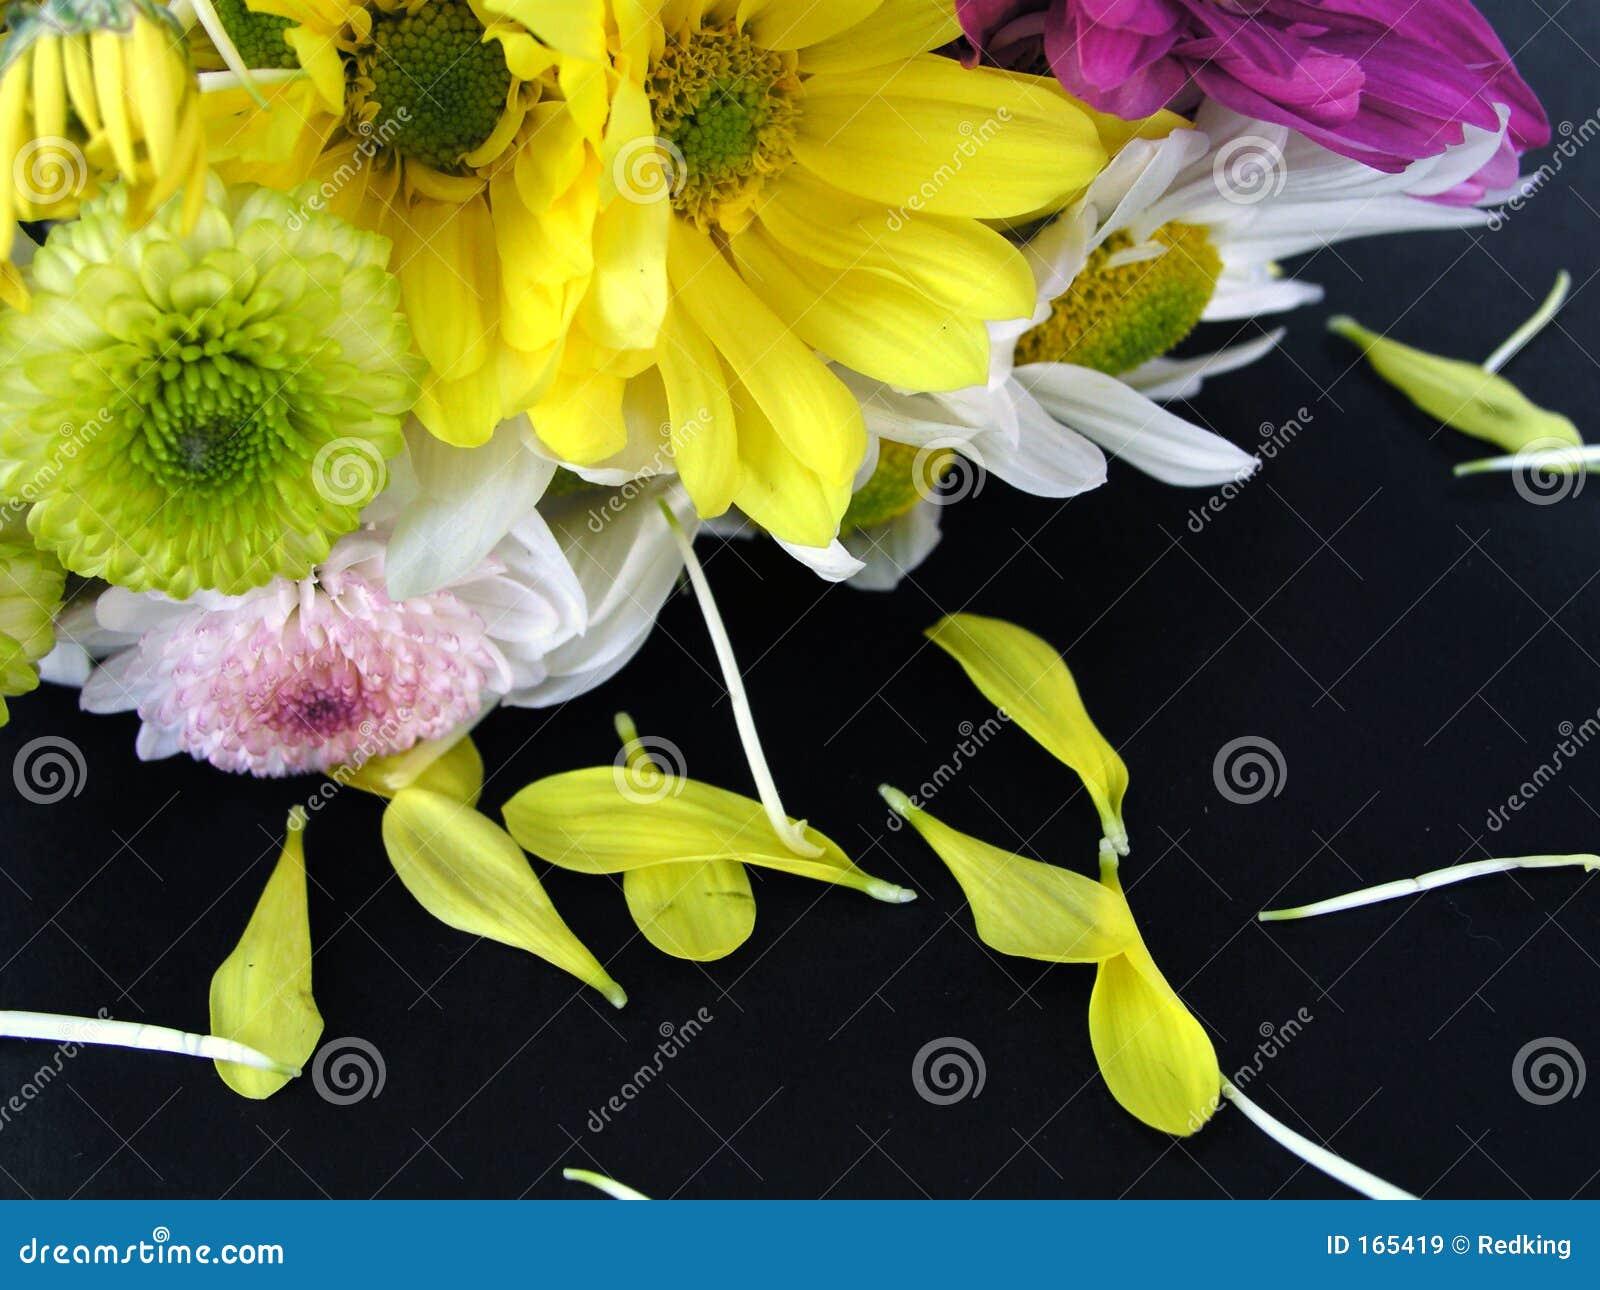 Flower Bouquet with Fallen Petals